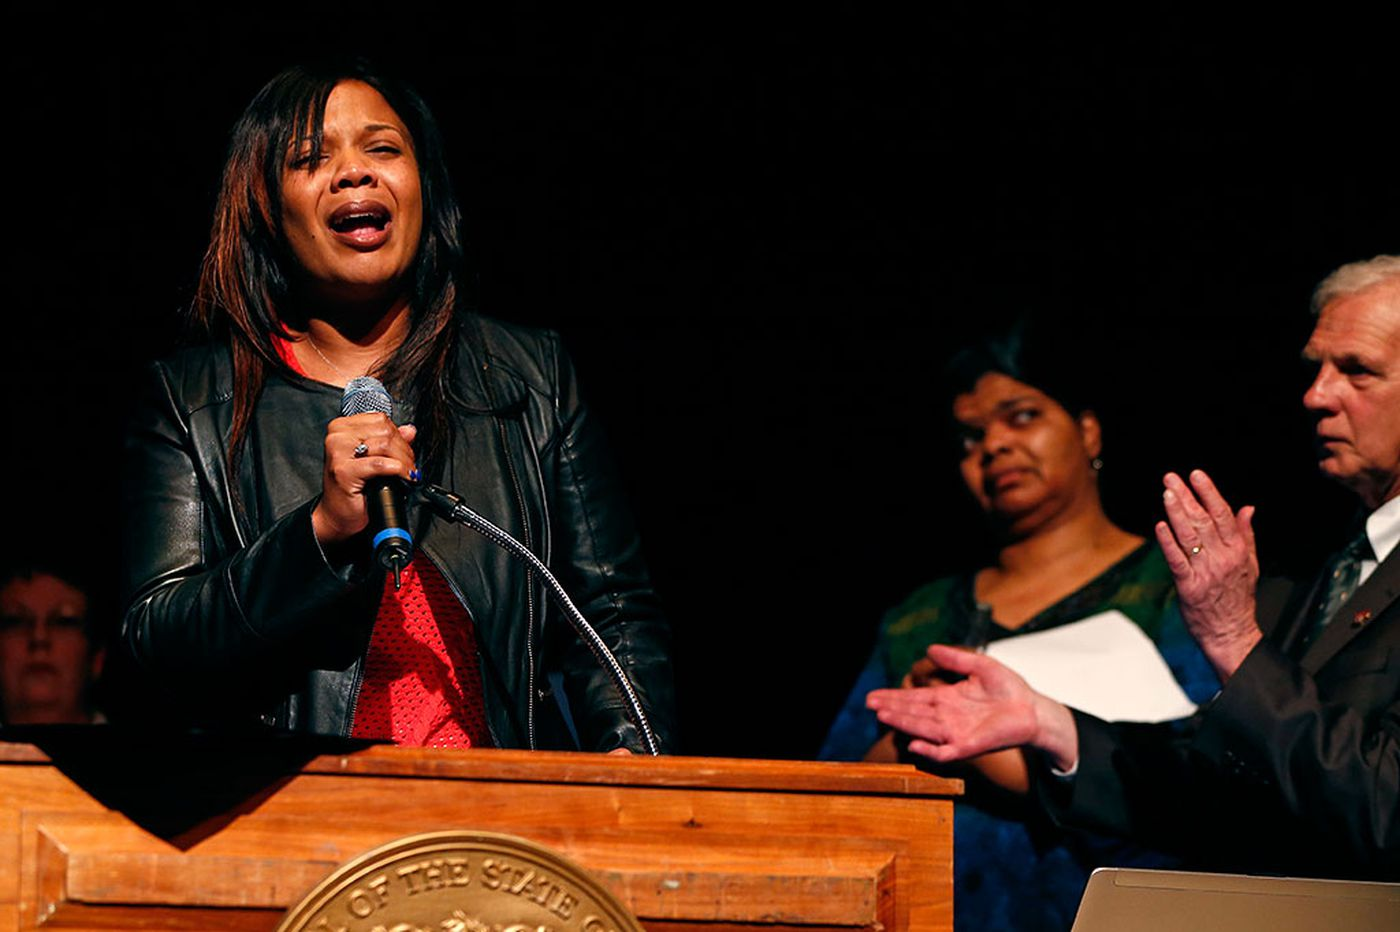 Stabbed Camden caseworker calls for cultural change